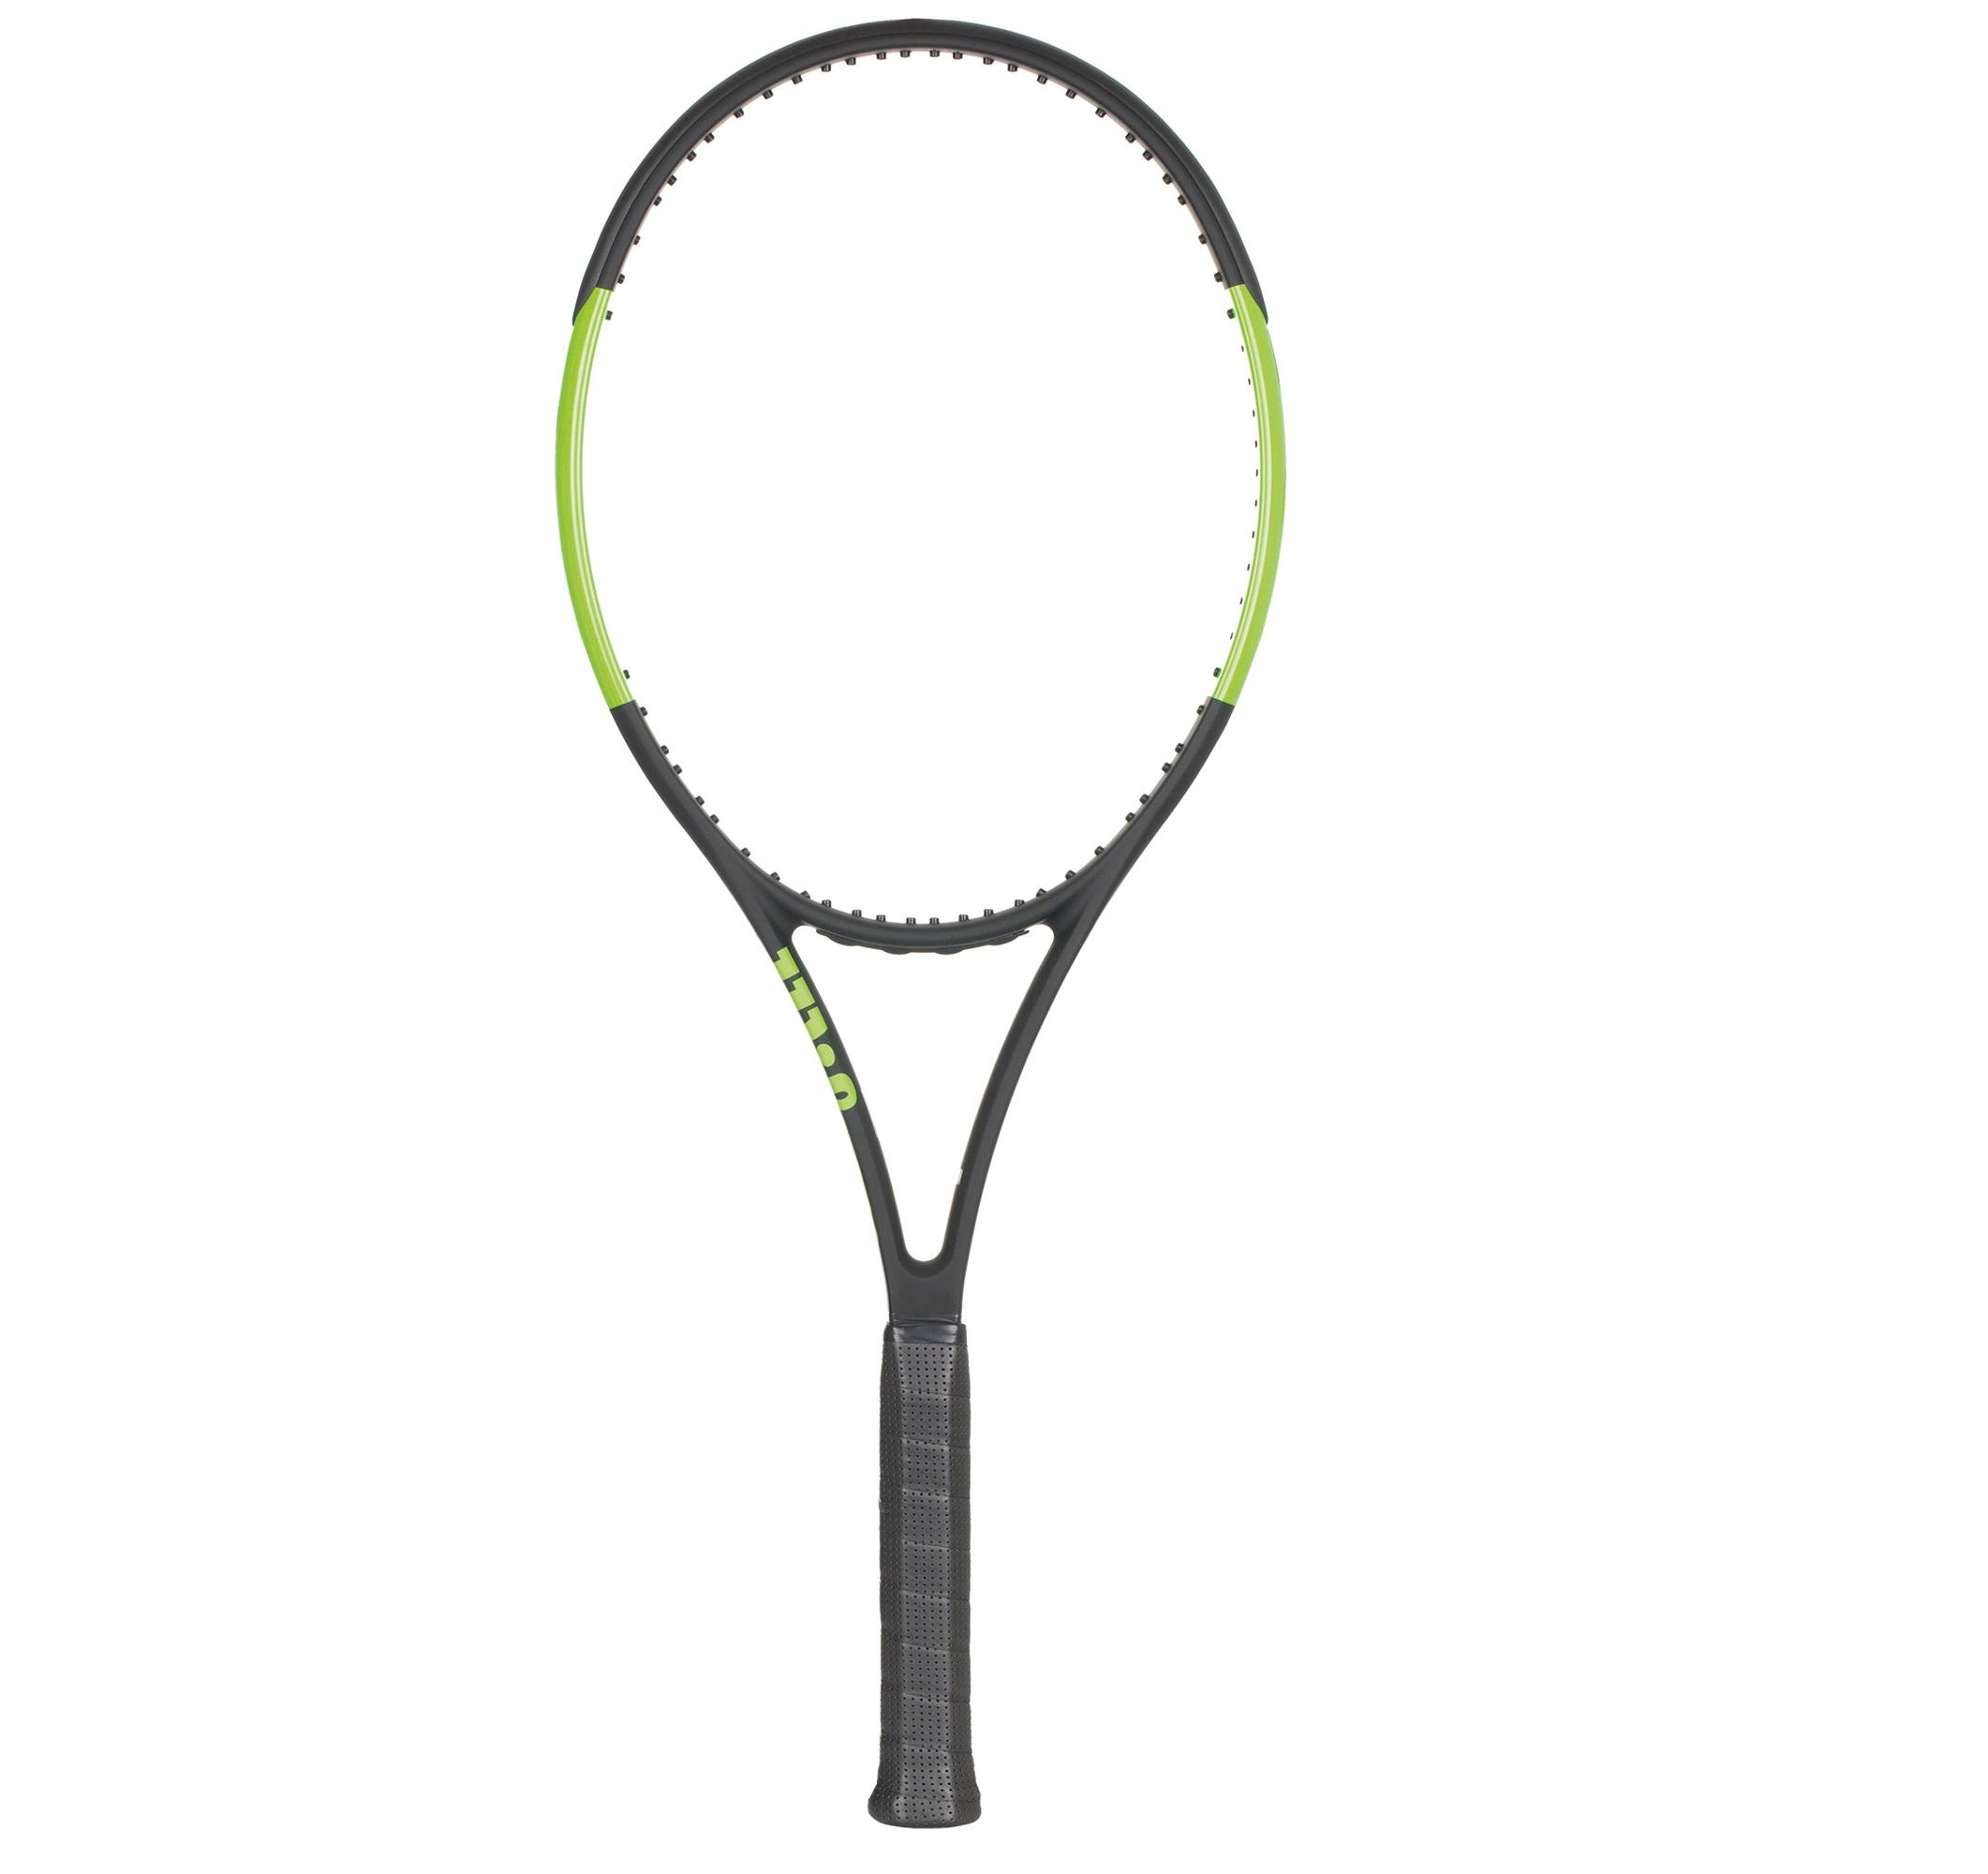 Wilson Ракетка для большого тенниса Wilson Blade 104 сетки для тенниса большого